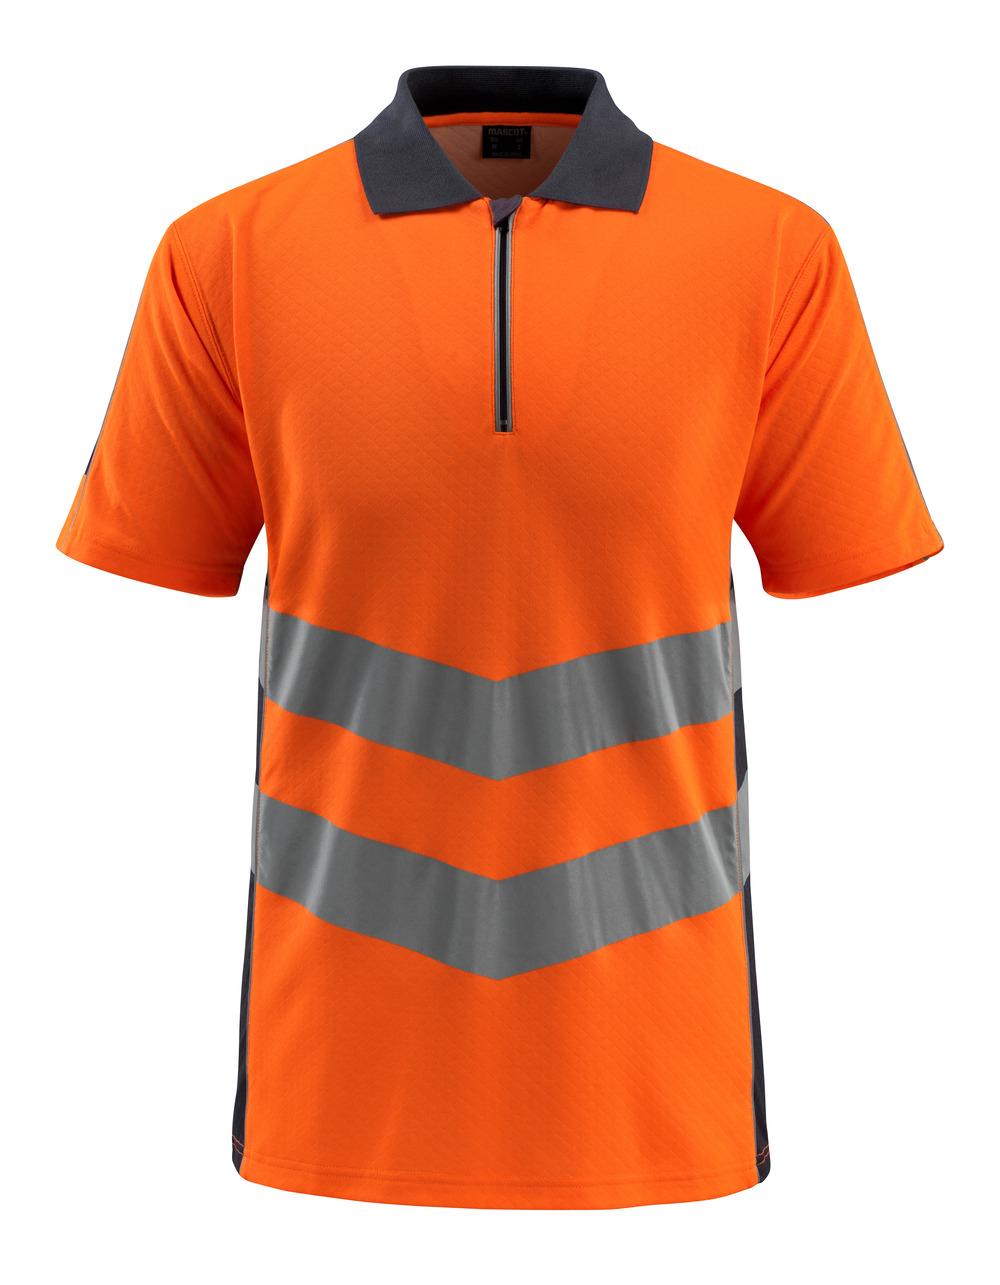 50130-933-14010 Pikétröja - hi-vis orange/mörk marin